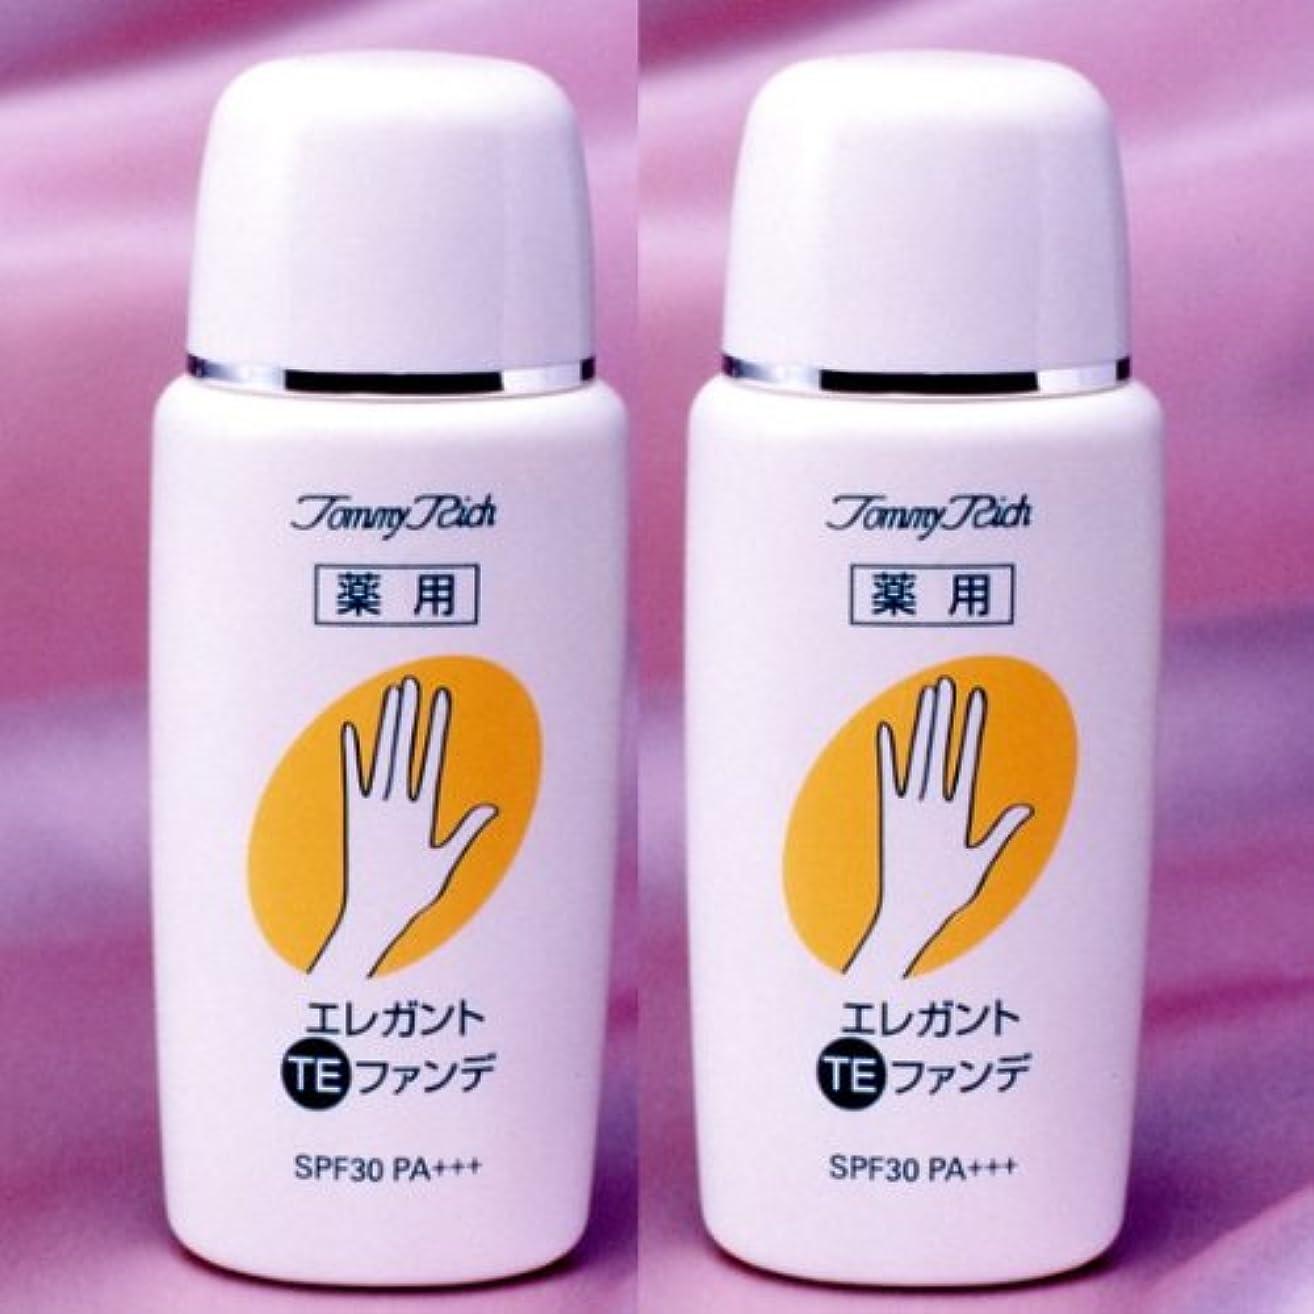 イル国際同情手や腕のシミや老班をカバーして、白く清潔で美しい手になる!! 「薬用エレガントTEファンデ 2個セット」